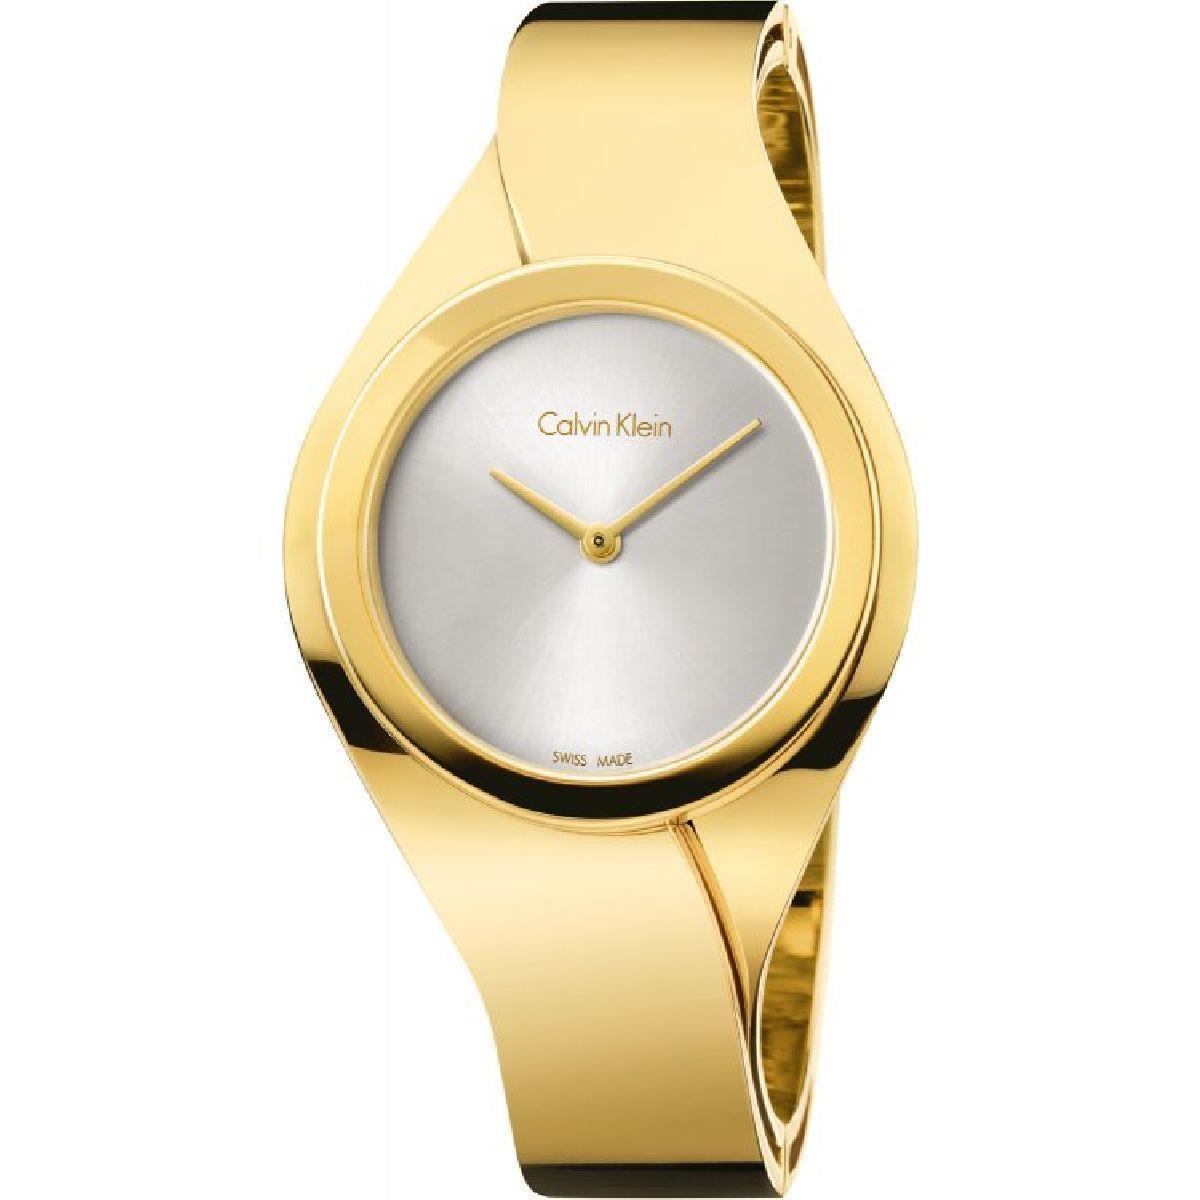 eb01b2e3926b8 Relógio Feminino Calvin Klein - K5N2S526 - K5N2S526 - CALVIN KLEIN